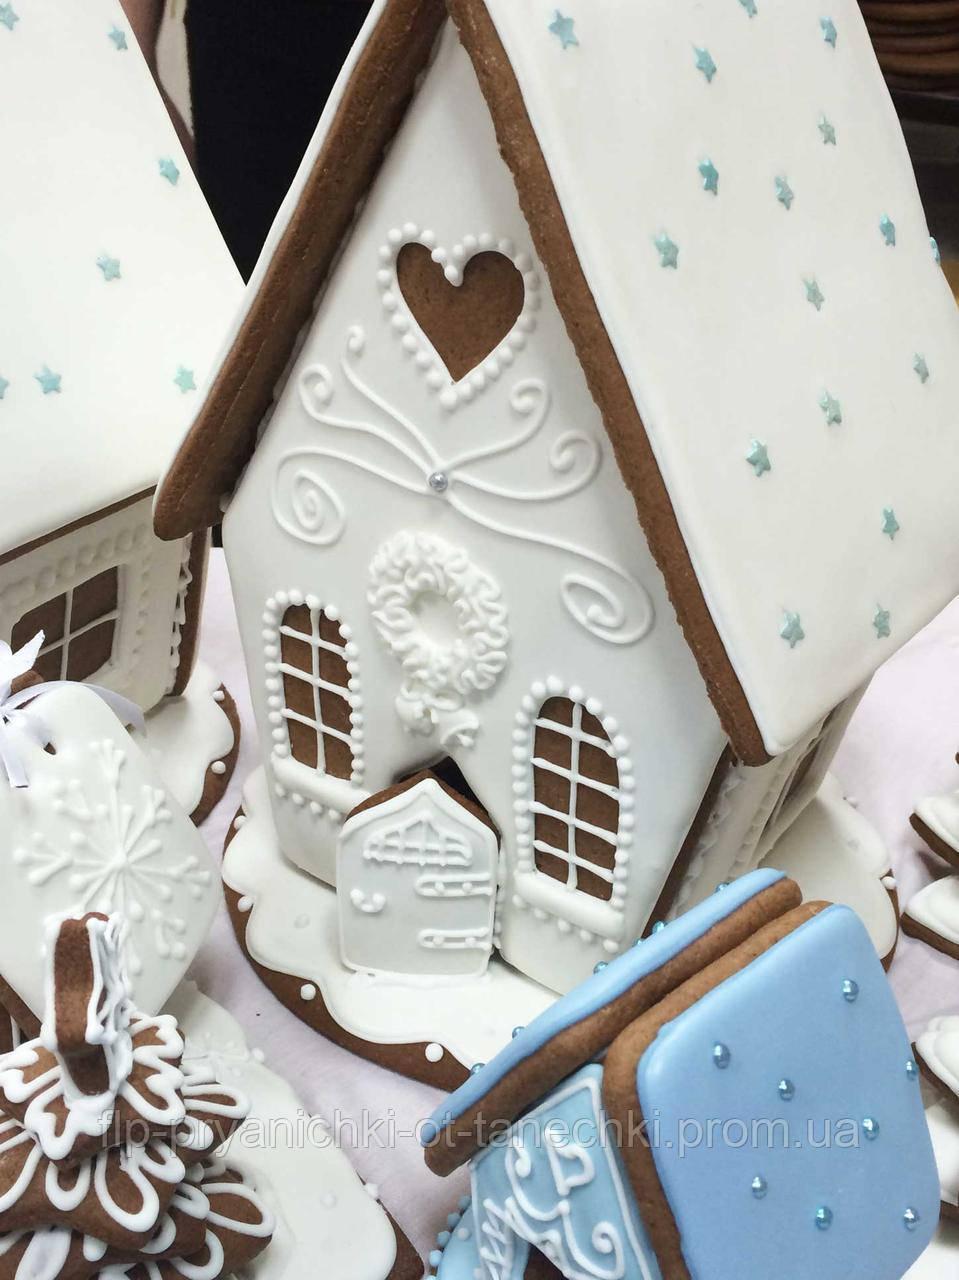 Пряничный домик на Новый год, Рождество